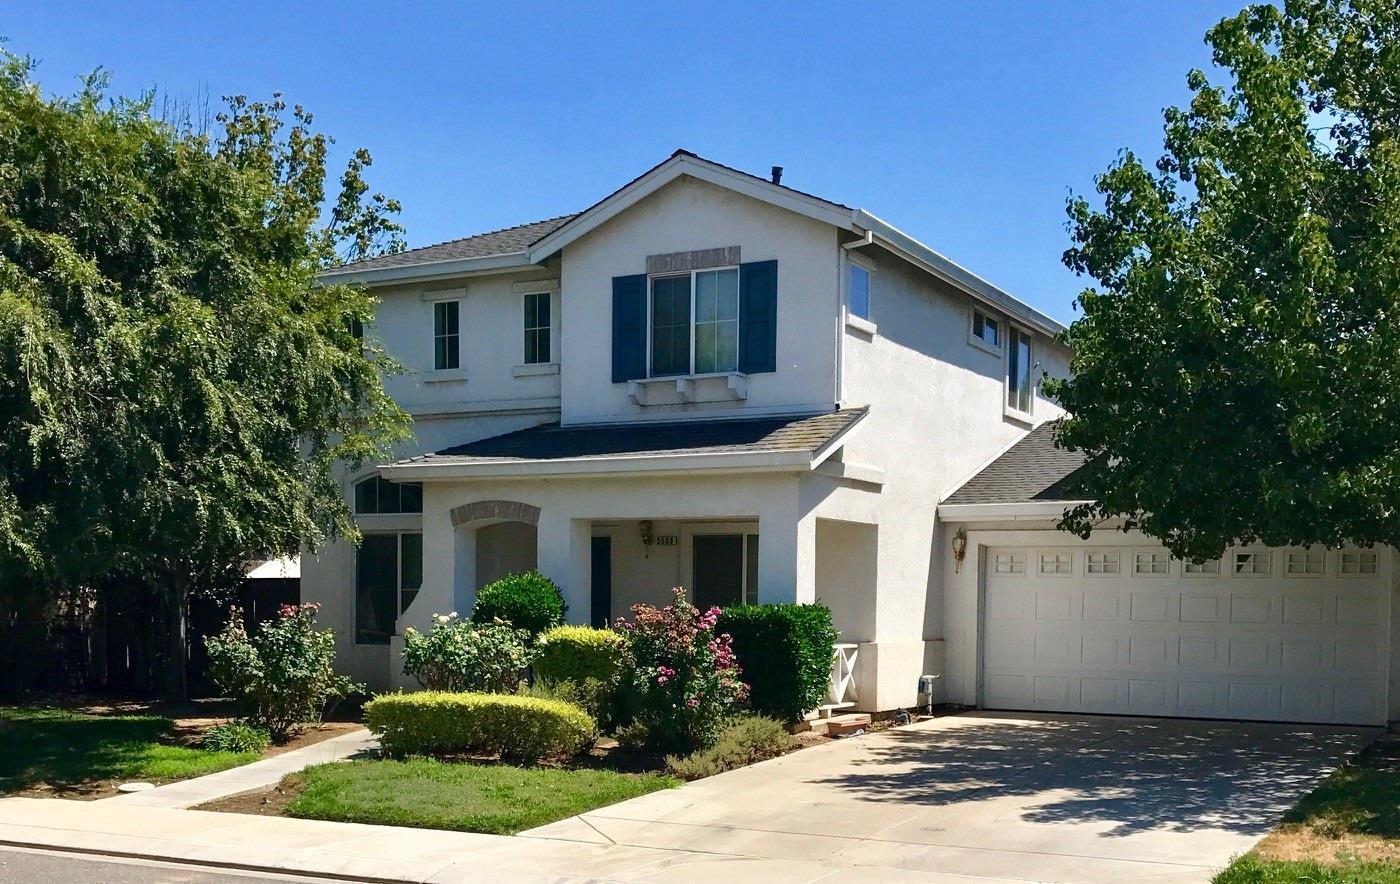 一戸建て のために 売買 アット 2508 Rose Hill Lane Riverbank, カリフォルニア 95367 アメリカ合衆国